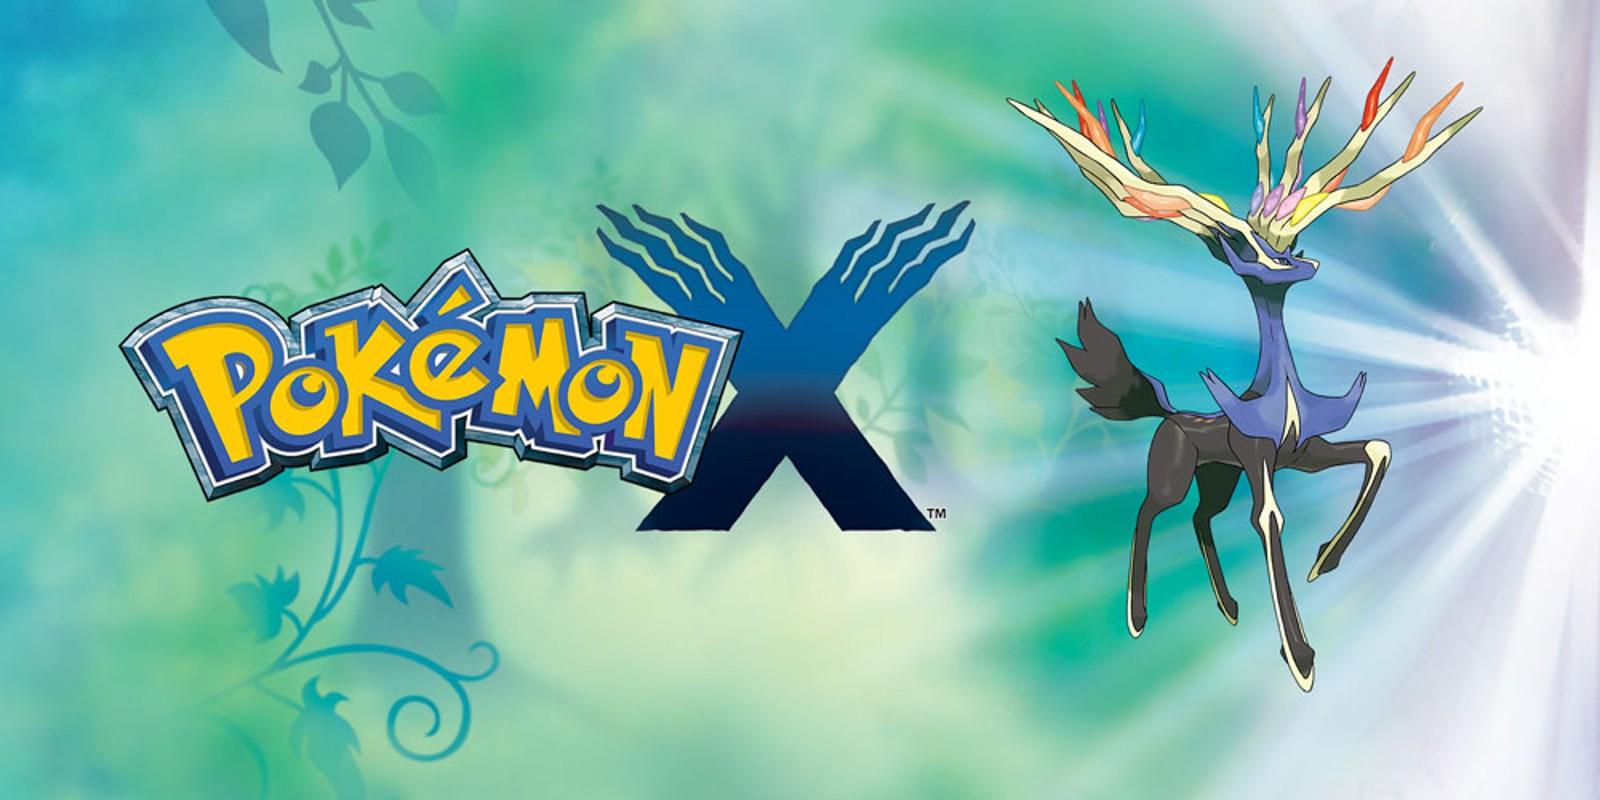 pokemon xy zip file download